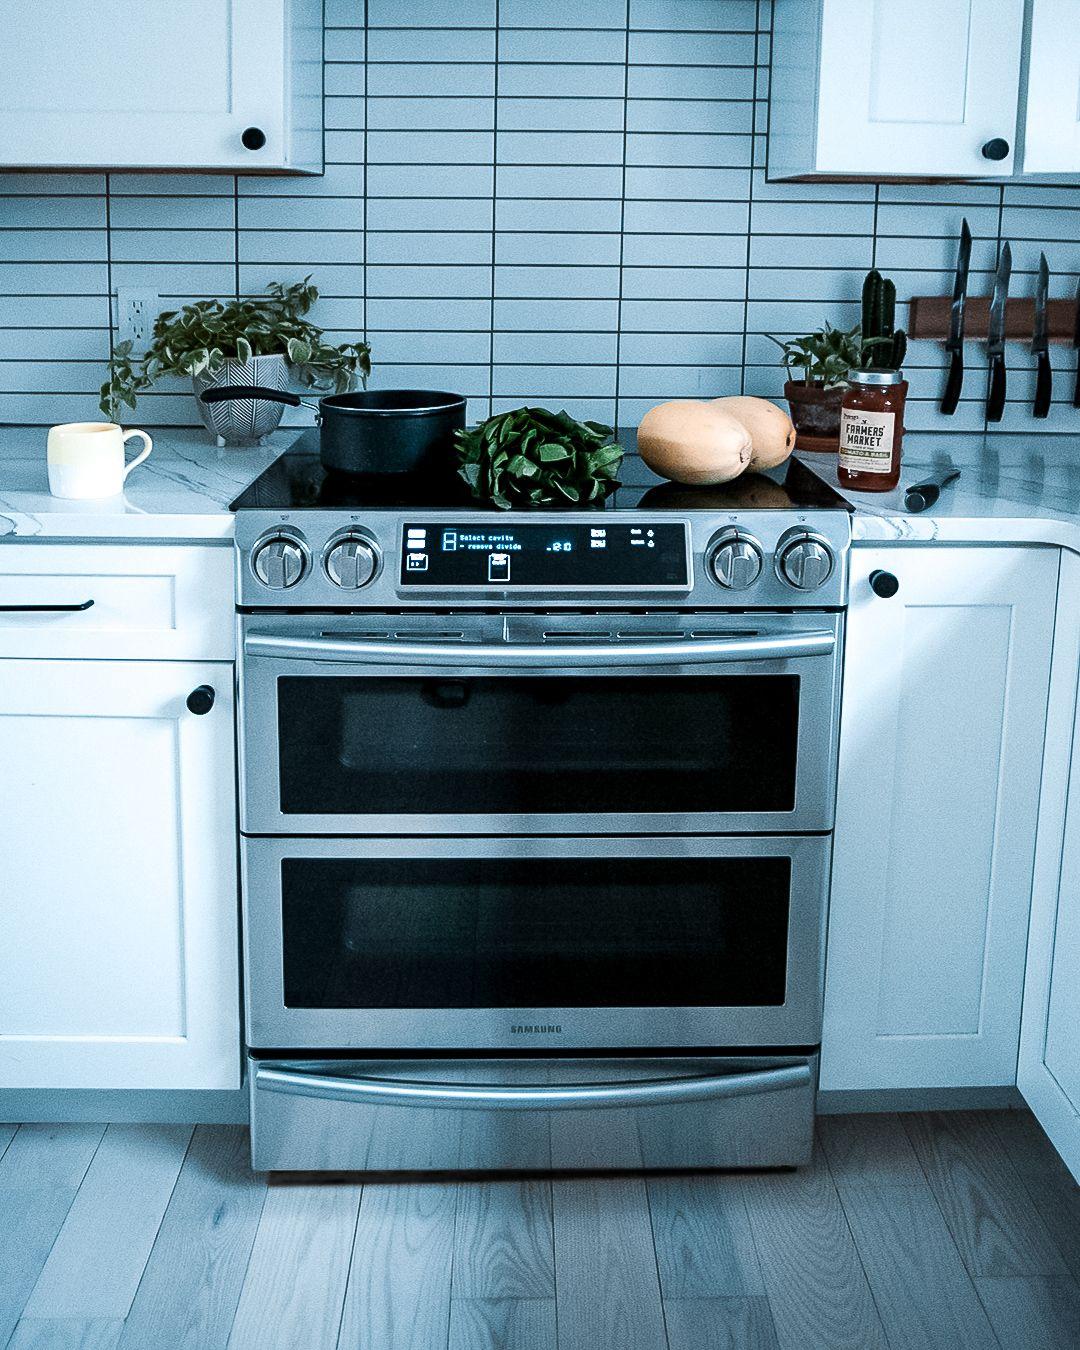 5 8 Cu Ft Slide In Electric Range With Flex Duo Dual Door In Black Stainless Steel Range Ne58k9850wg Aa Samsung Us Kitchen Design Modern Kitchen Design Modern Kitchen